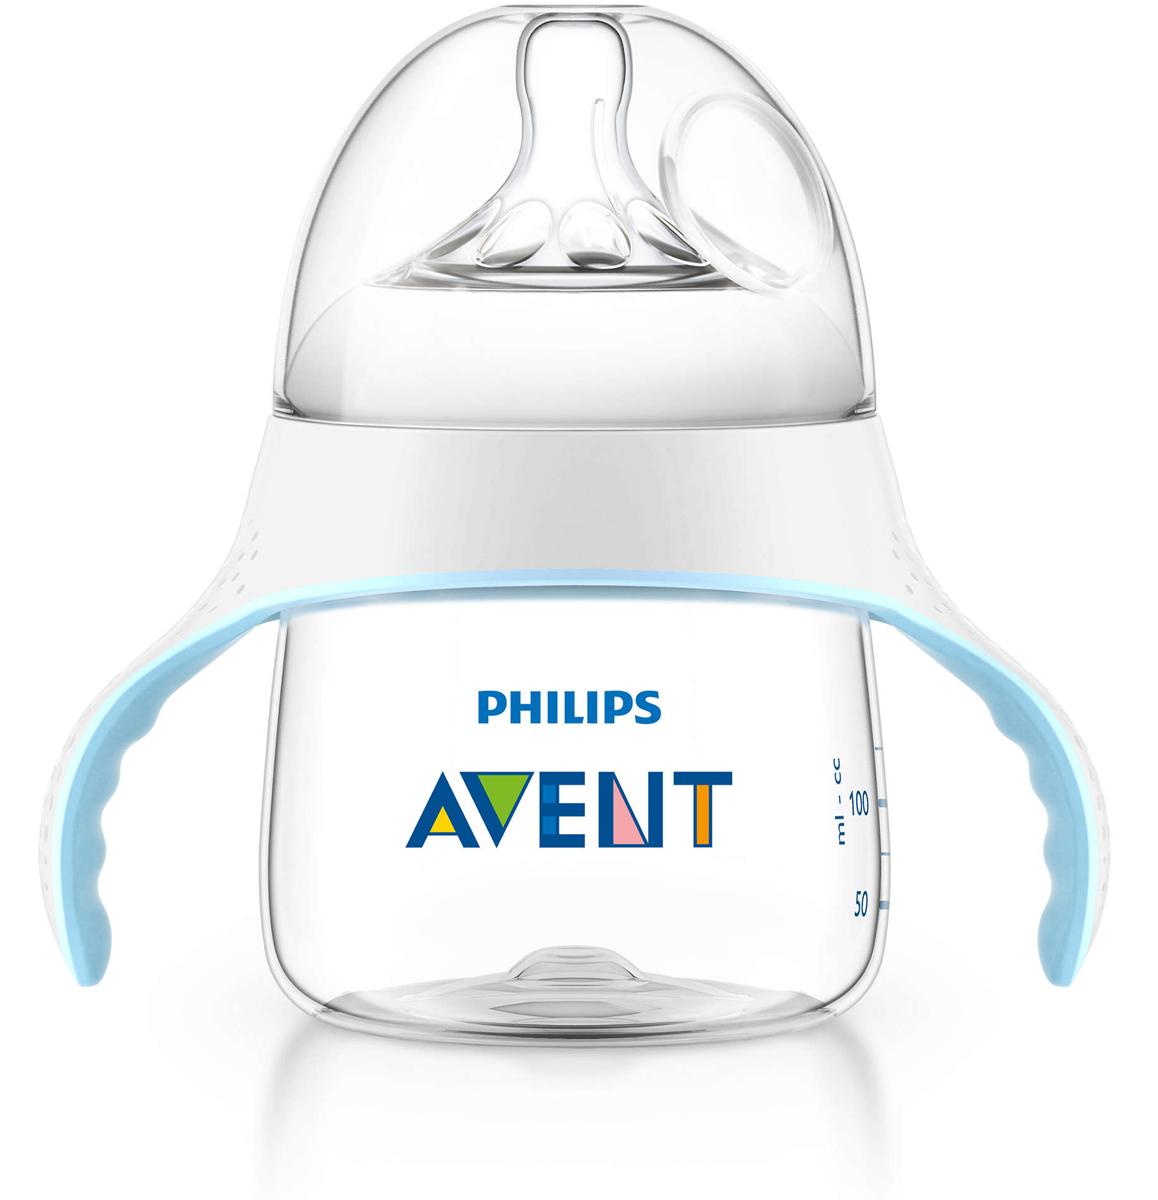 Philips Avent Тренировочный набор для перехода от бутылочки к чашке, 125 мл SCF251/00